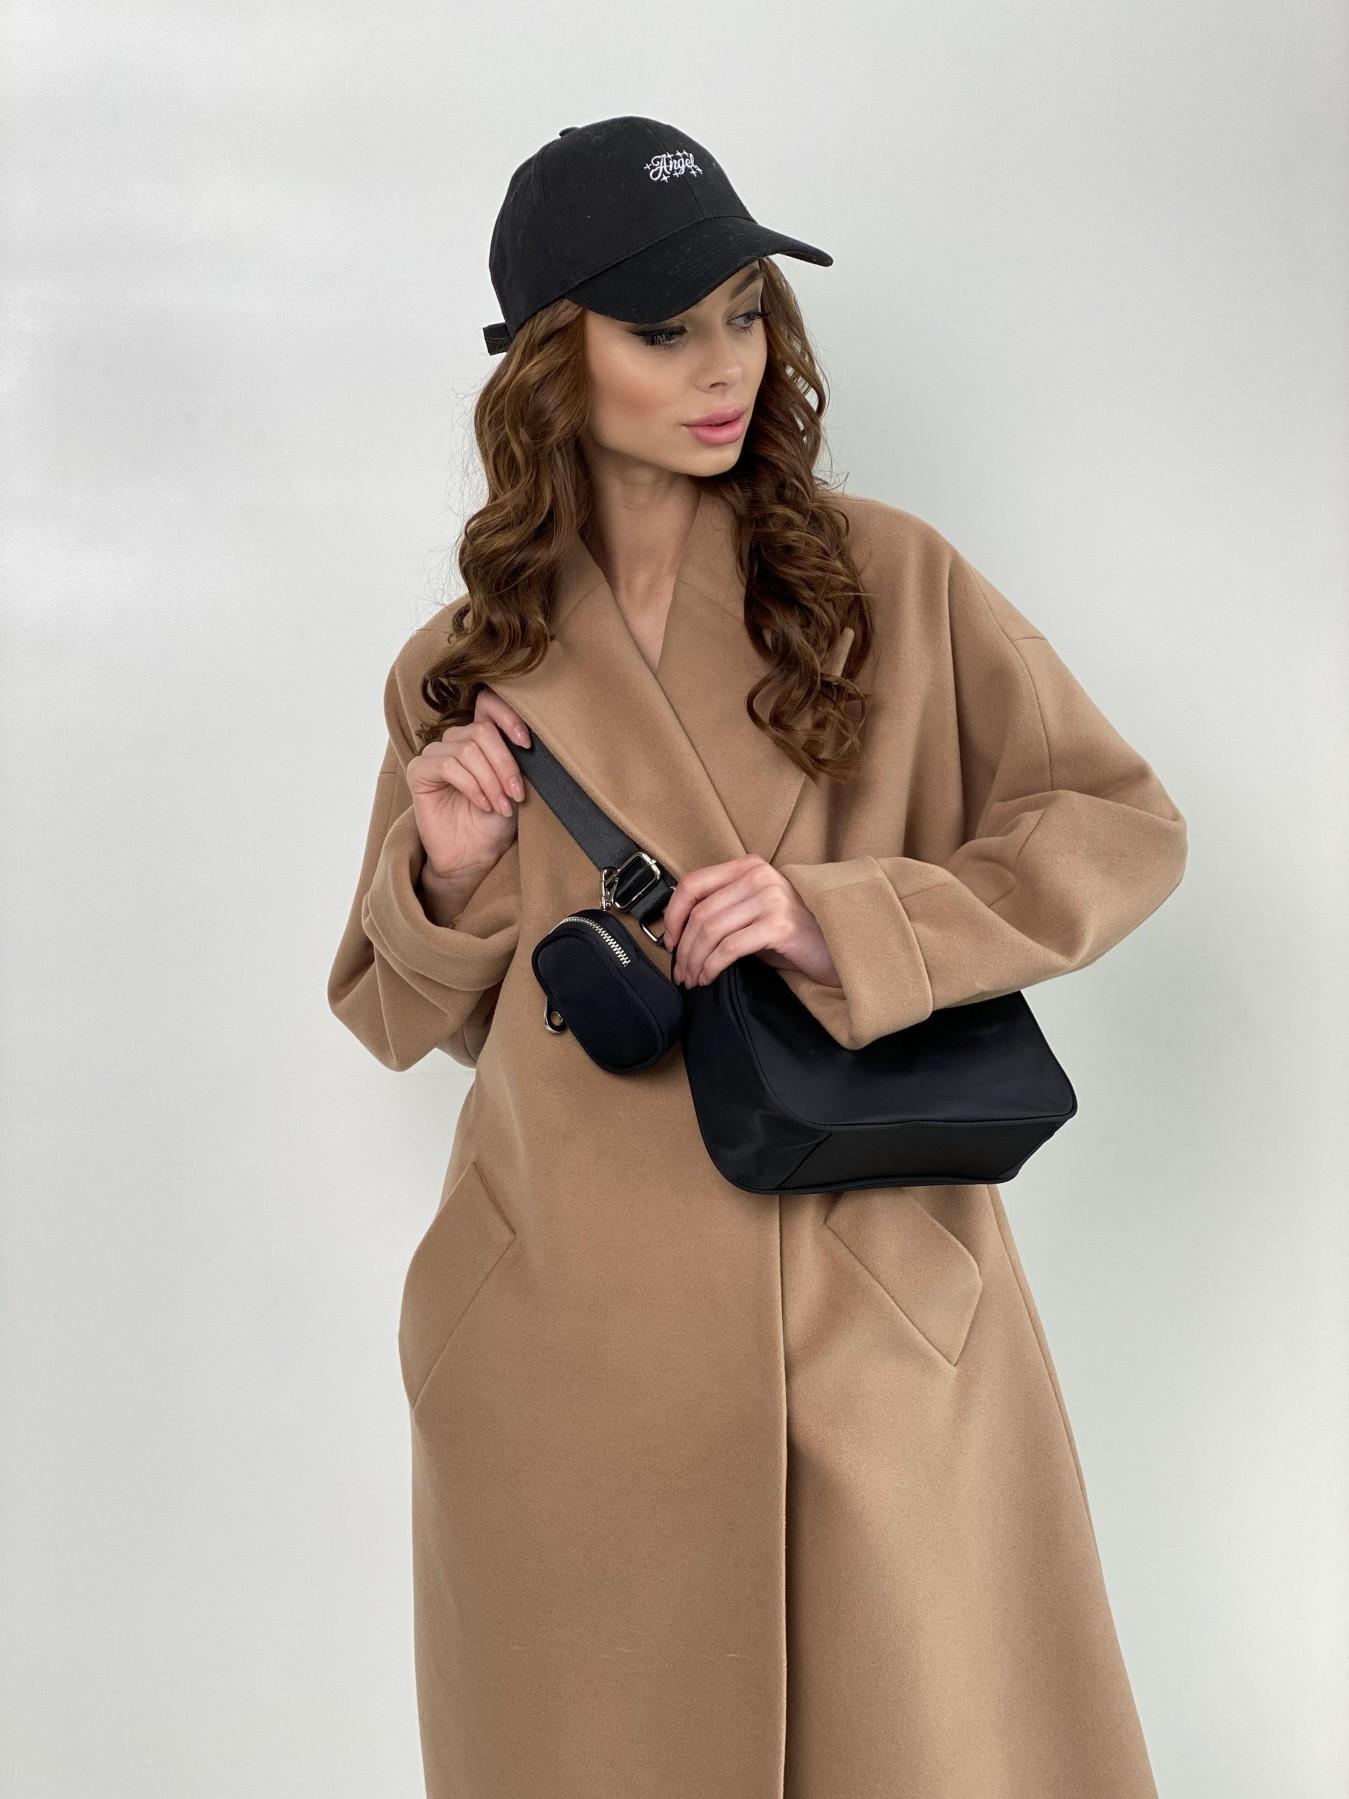 Влада пальто демисезонное из кашемира  10541 АРТ. 46895 Цвет: Кемел - фото 11, интернет магазин tm-modus.ru